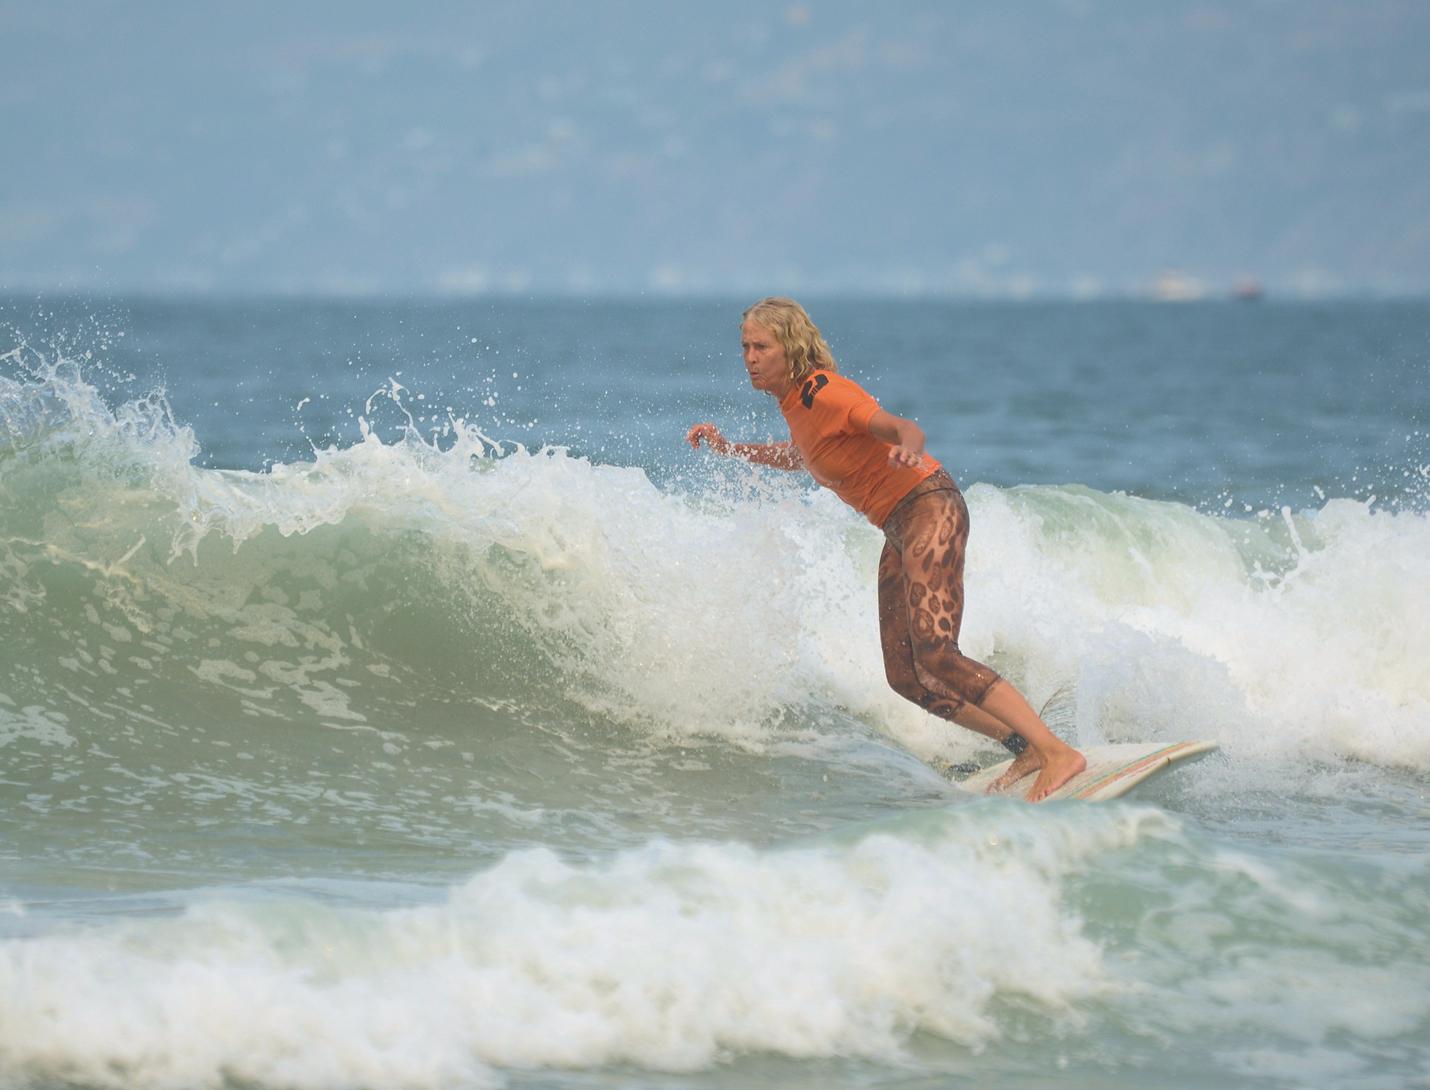 surfer patti sheaff - beautiful women over 60